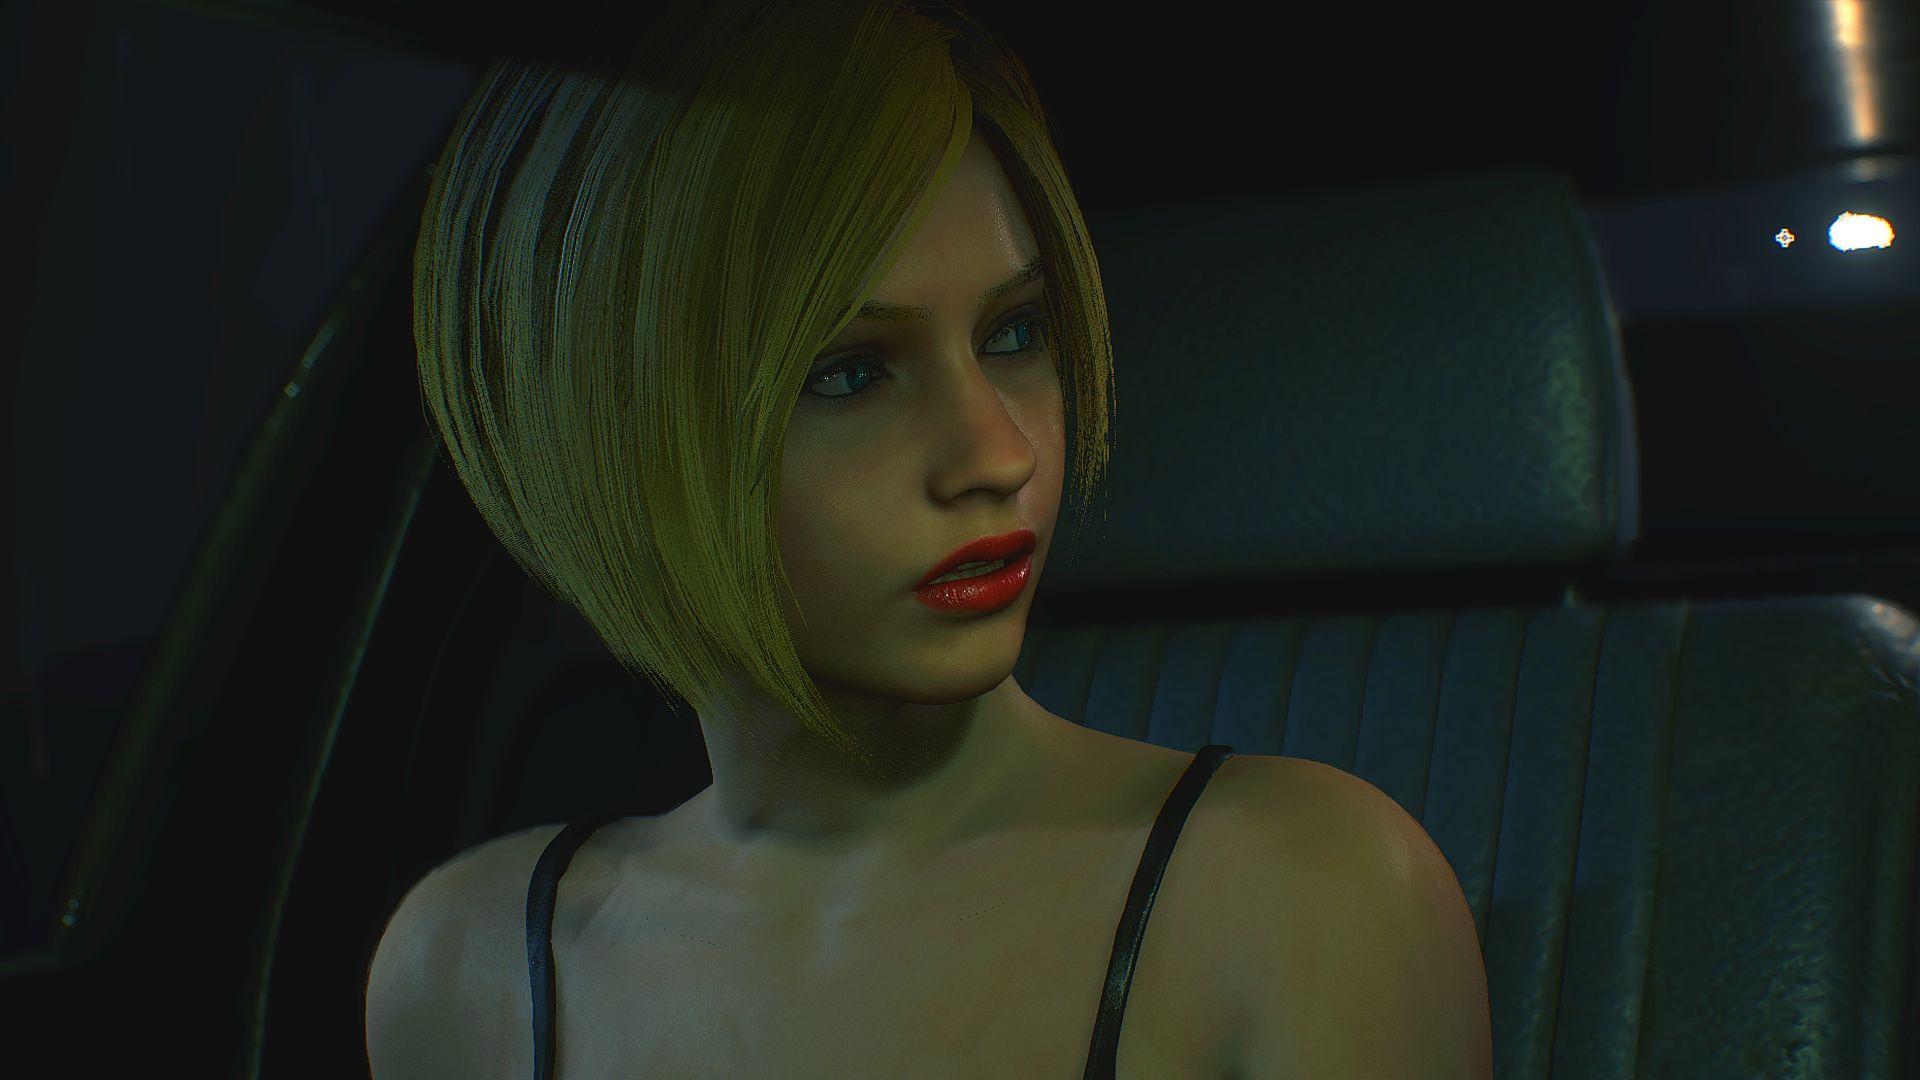 001175.Jpg - Resident Evil 2